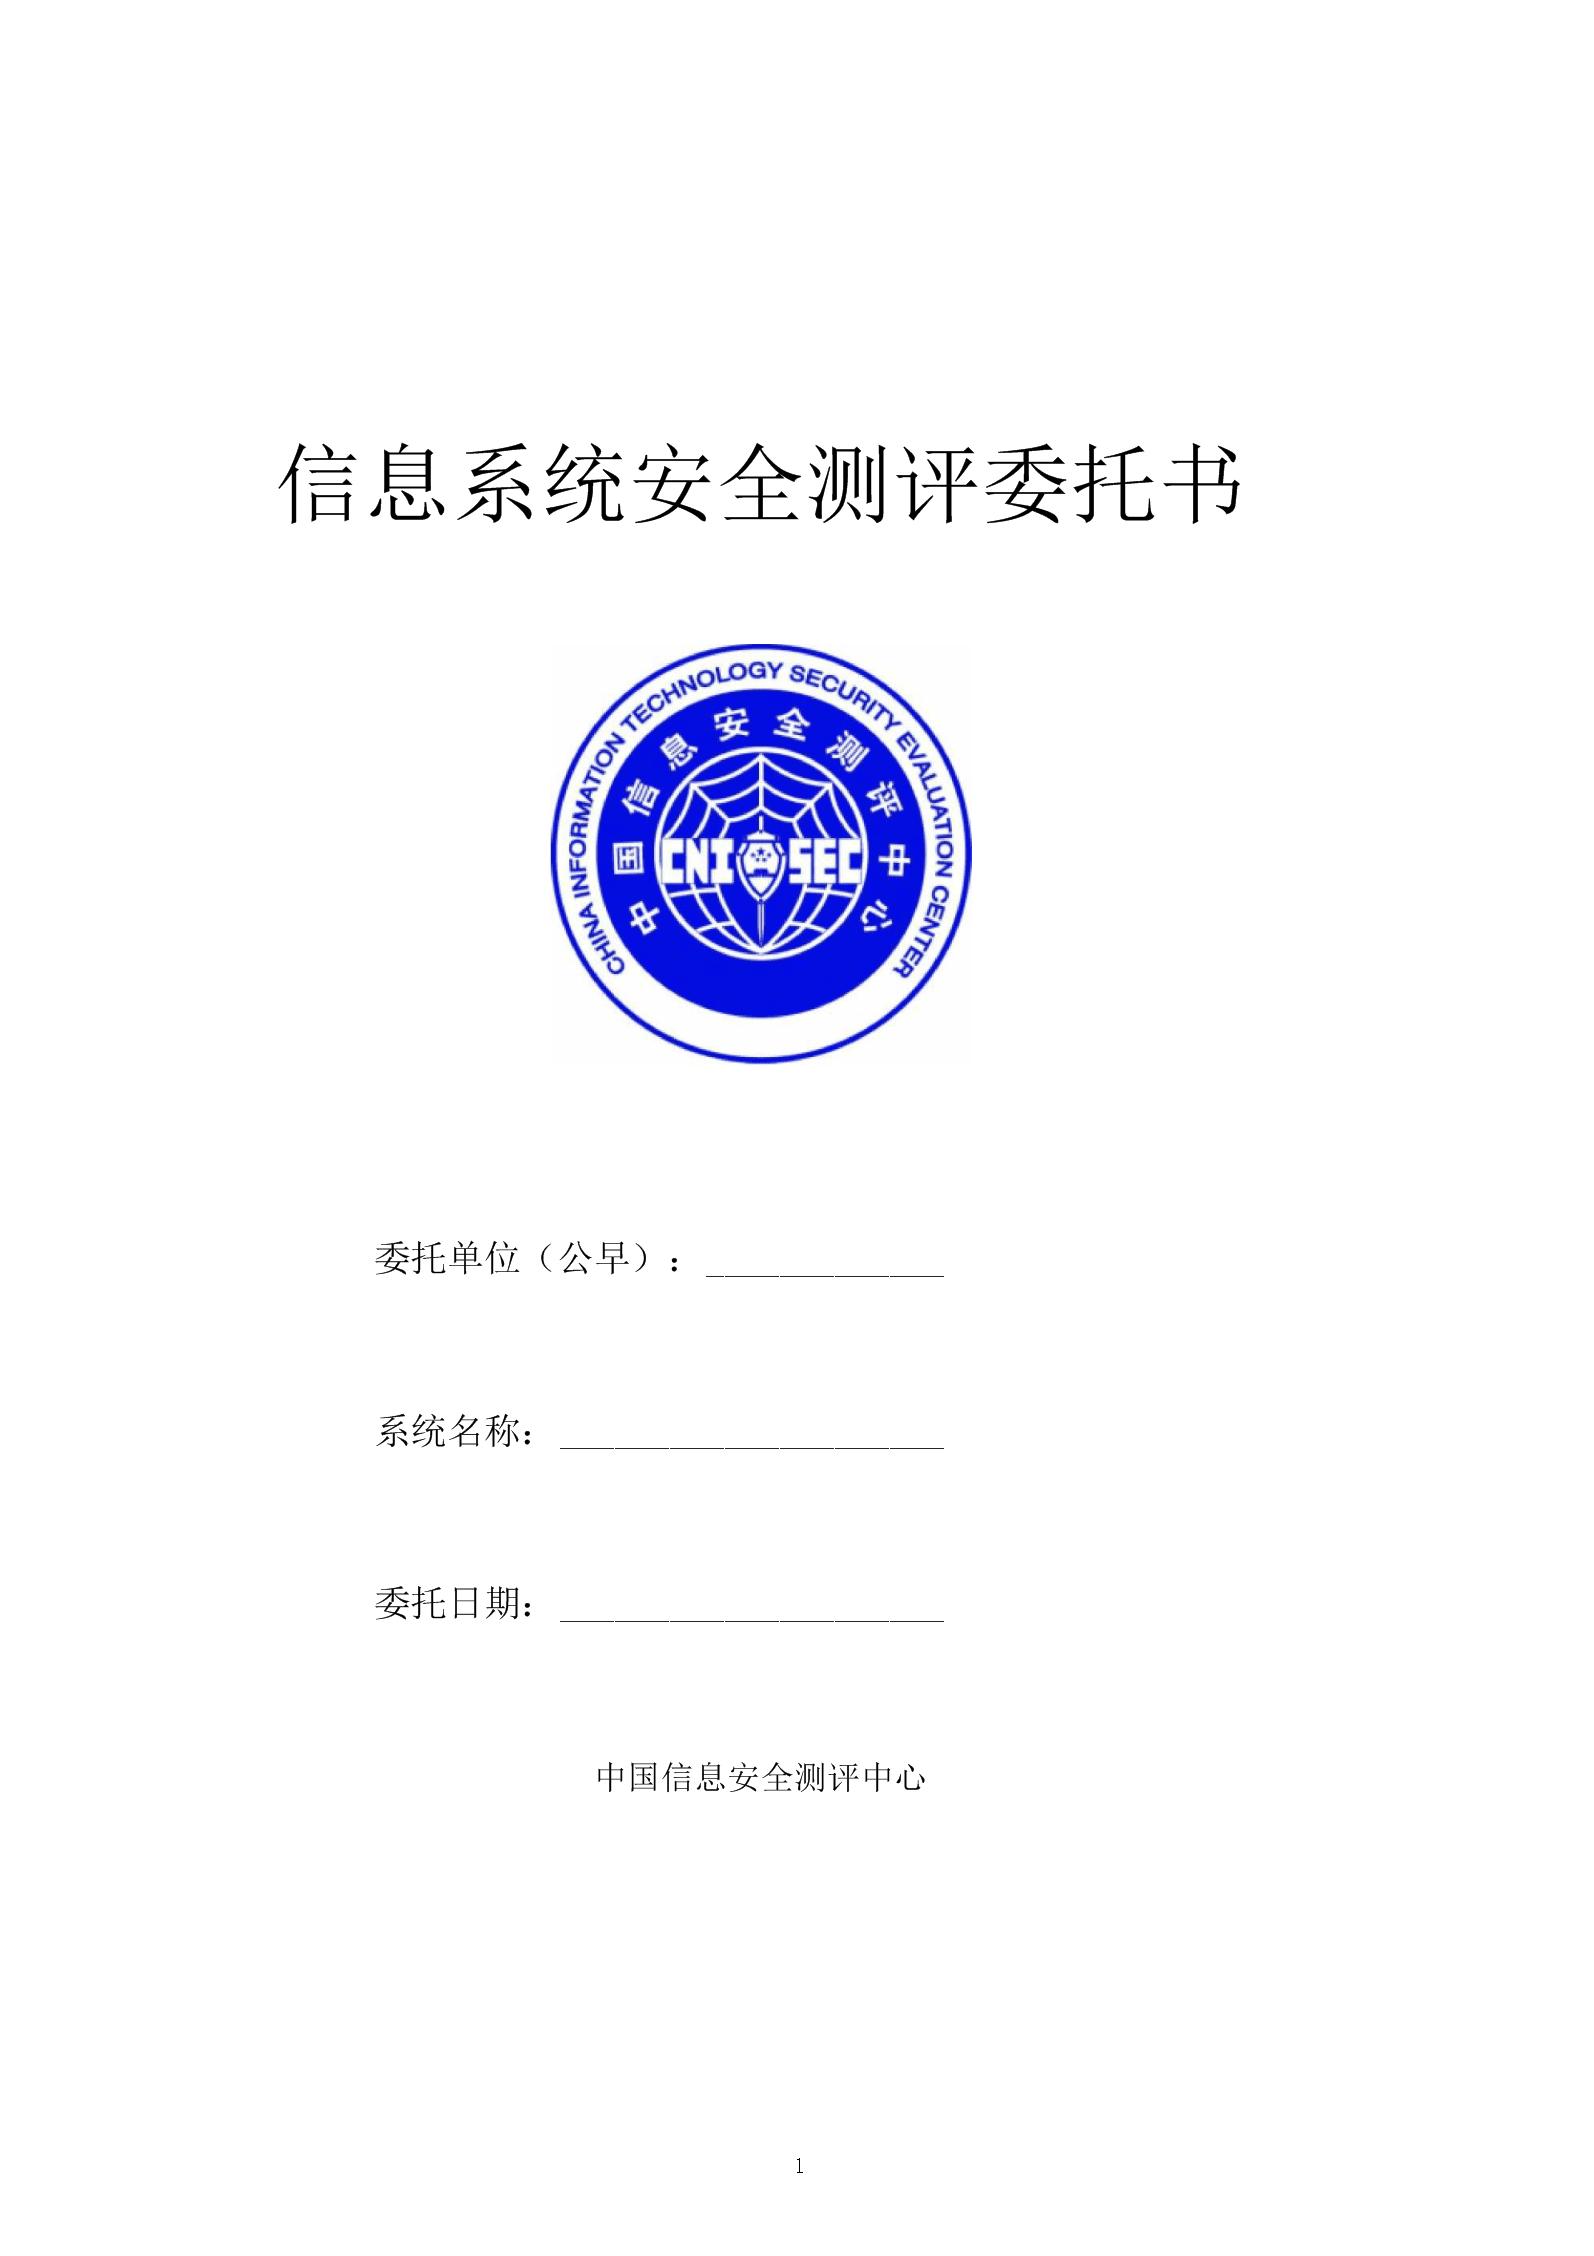 信息系统安全测评委托书.docx